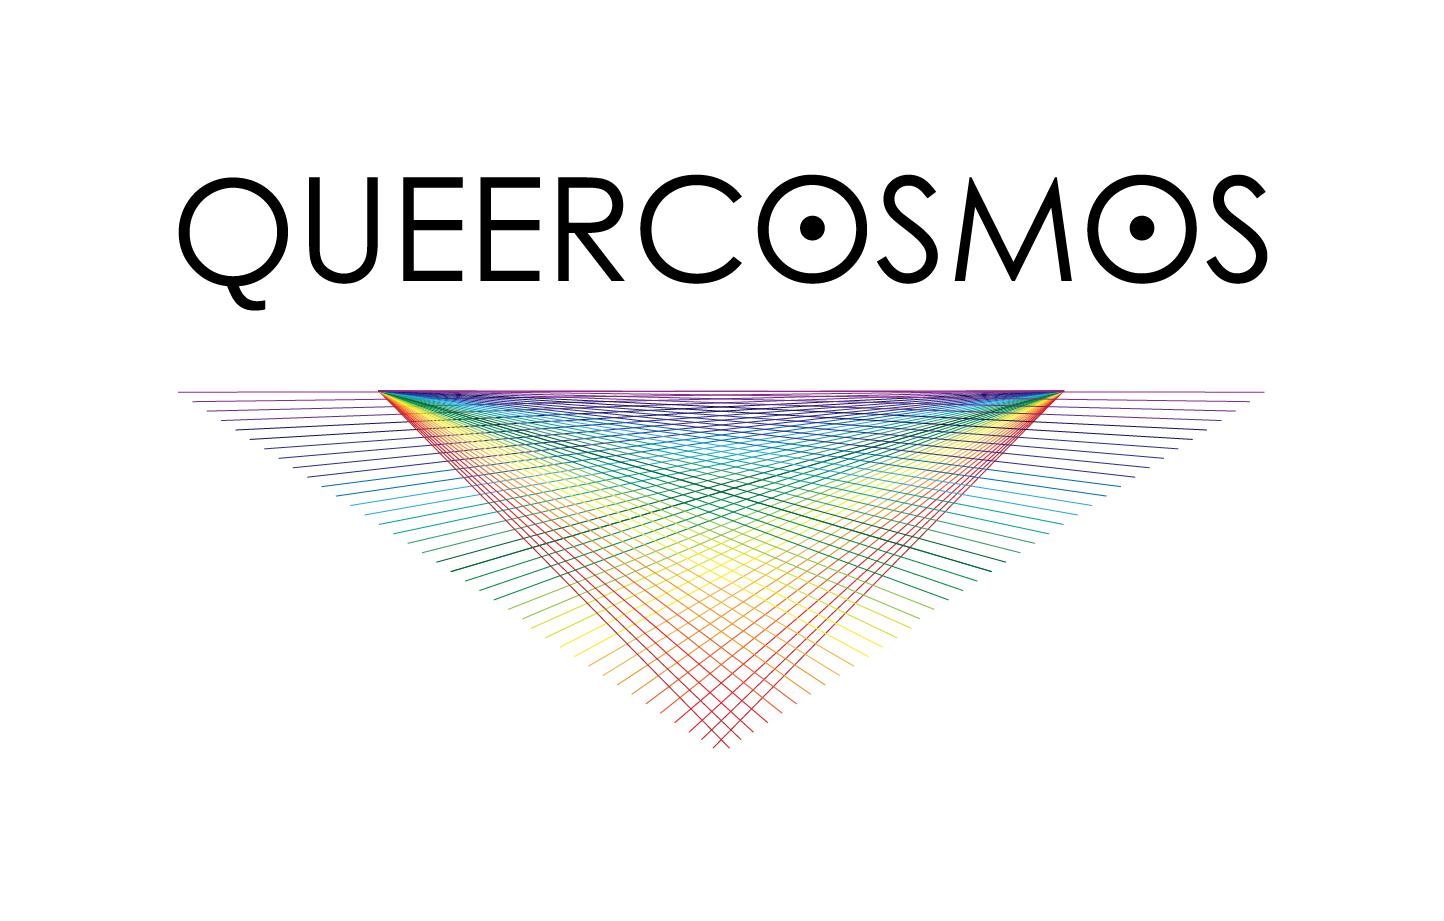 Pisces Queercosmos